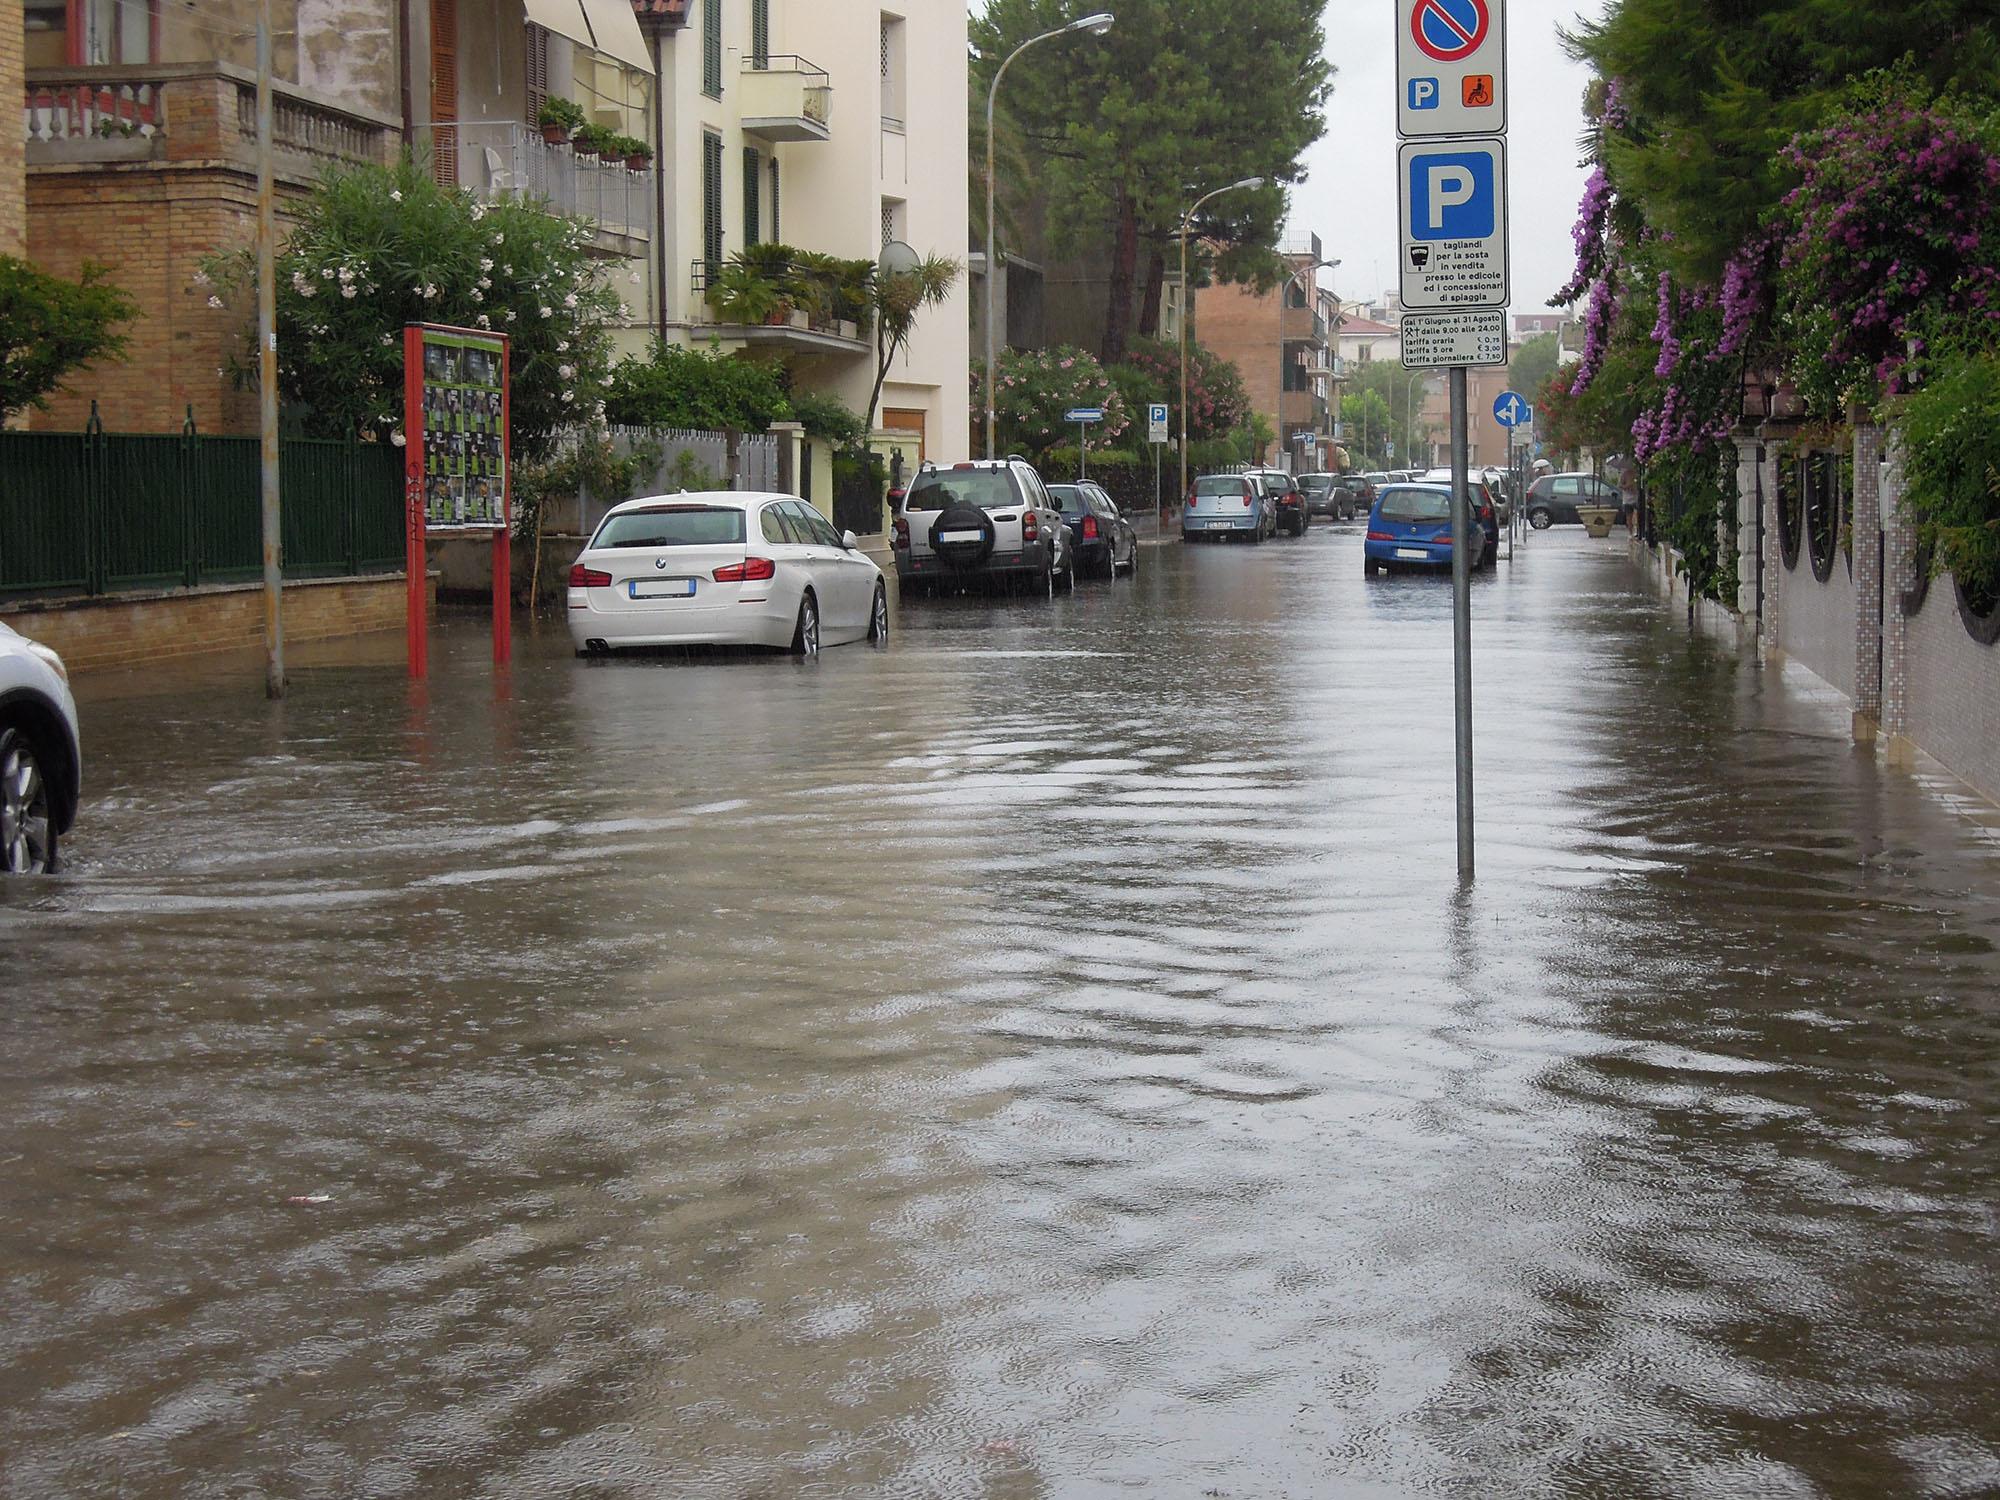 Via Trento allagata, luglio 2012 4 (fulvio baiocchi) 6